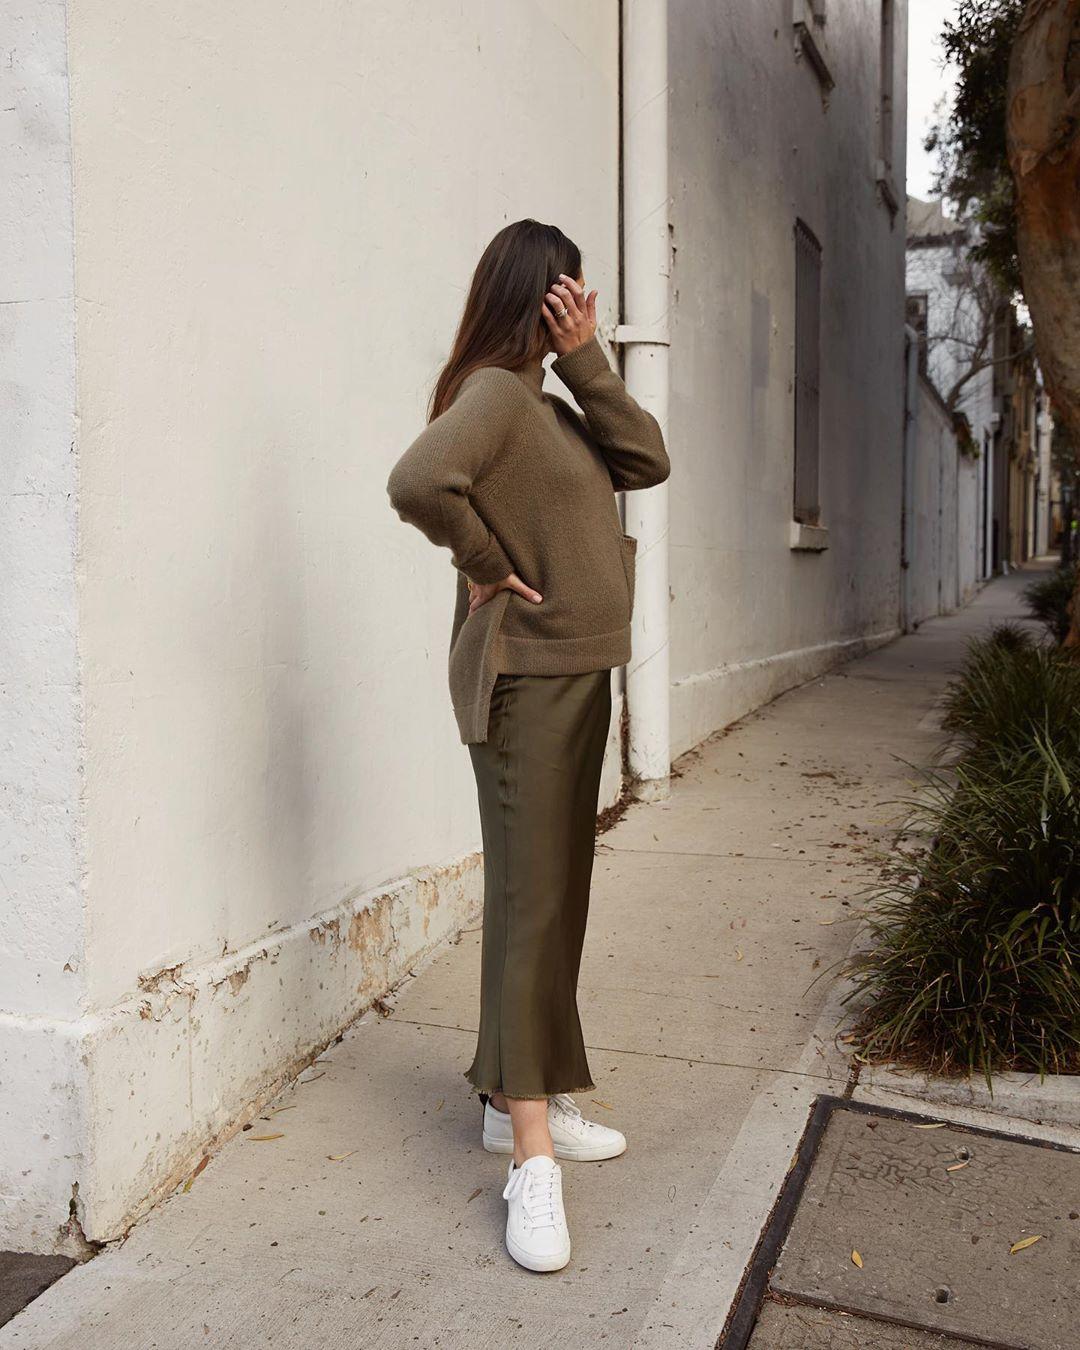 phong cách tối giản - sara crampton mặc đồ xanh rêu